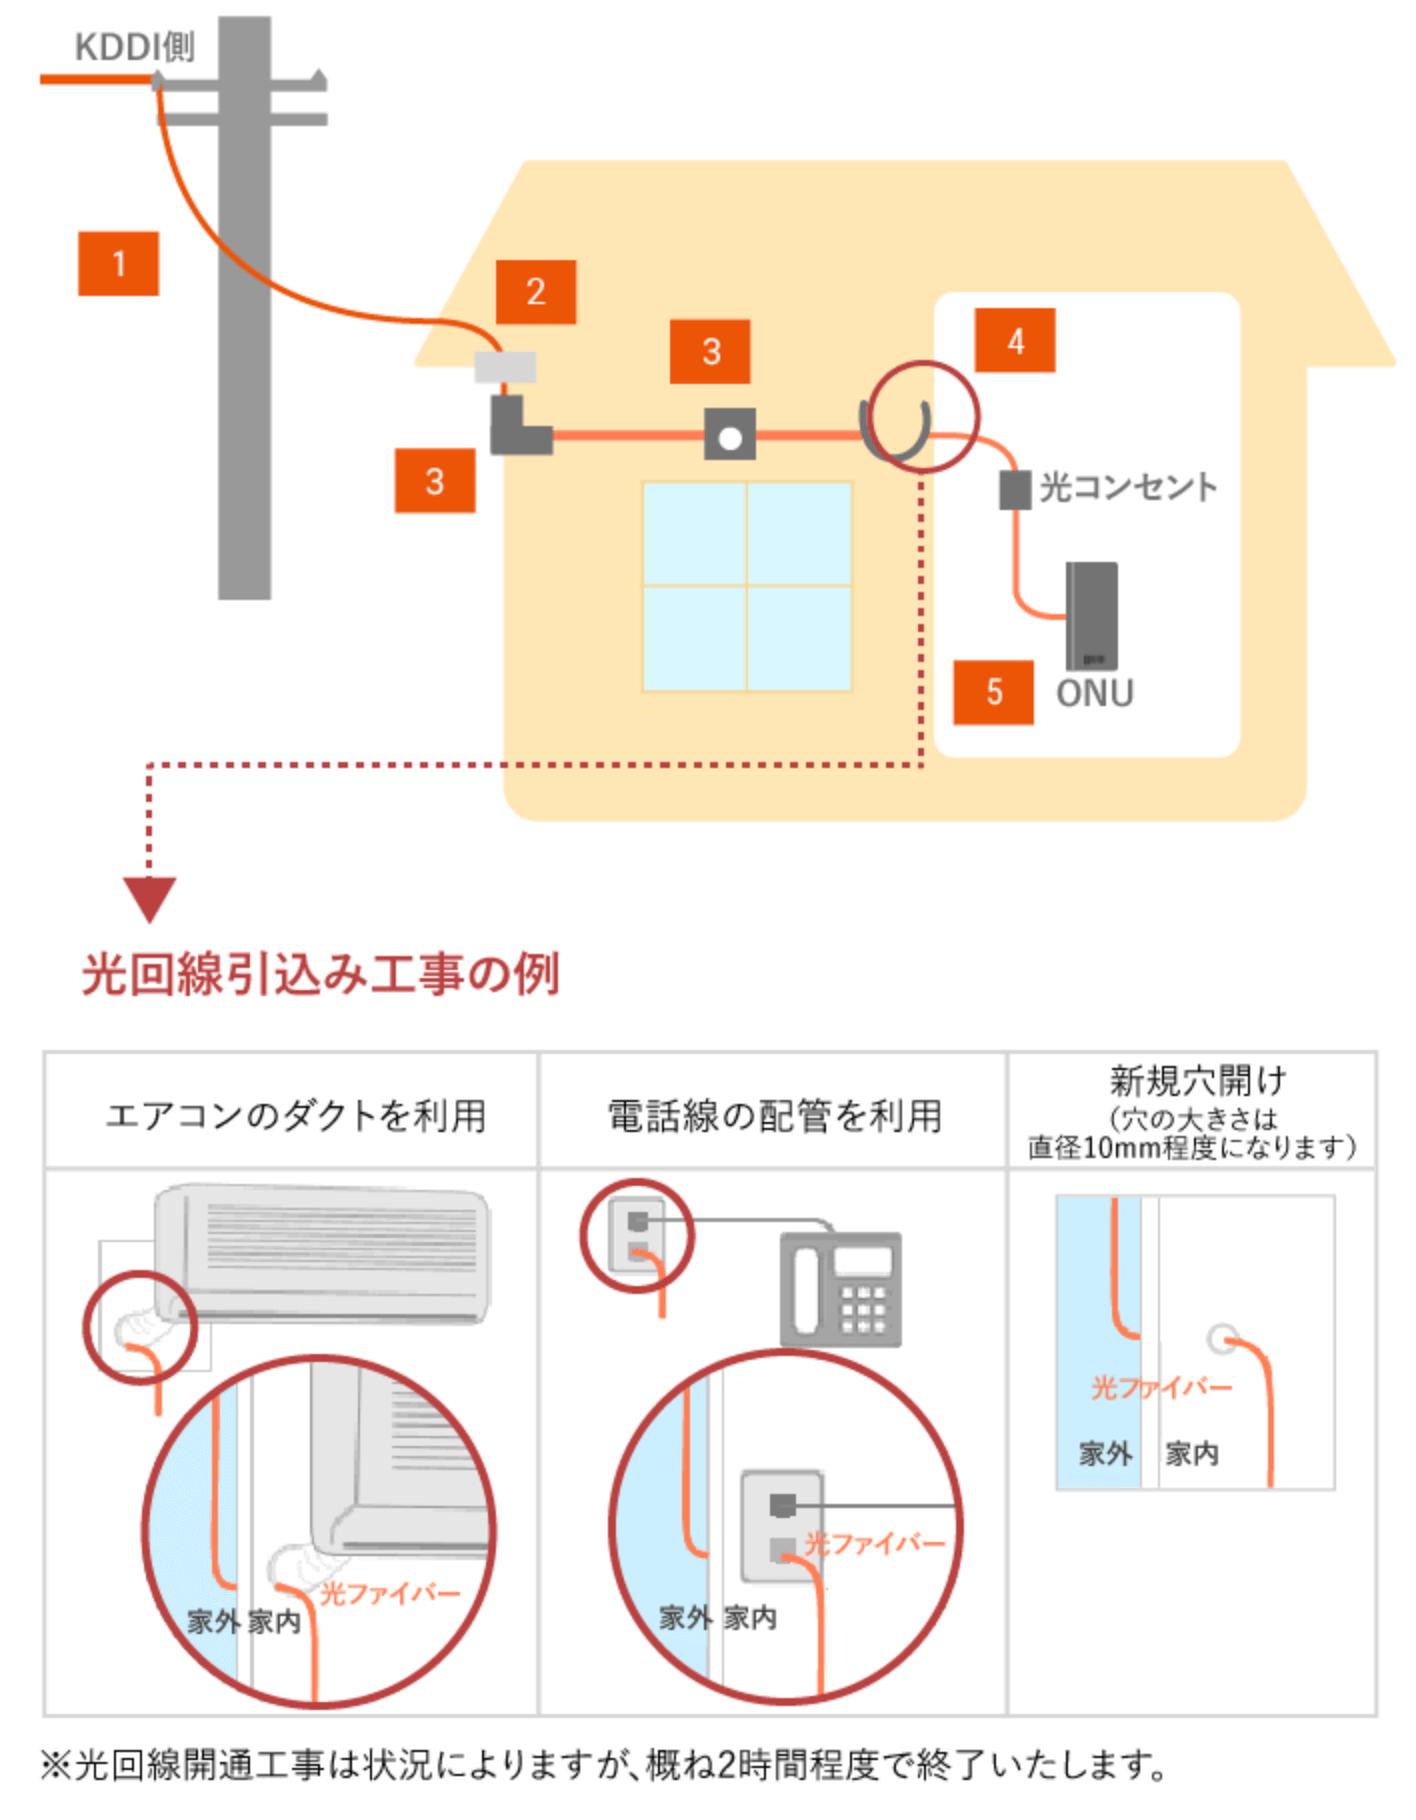 光回線工事の流れ図解